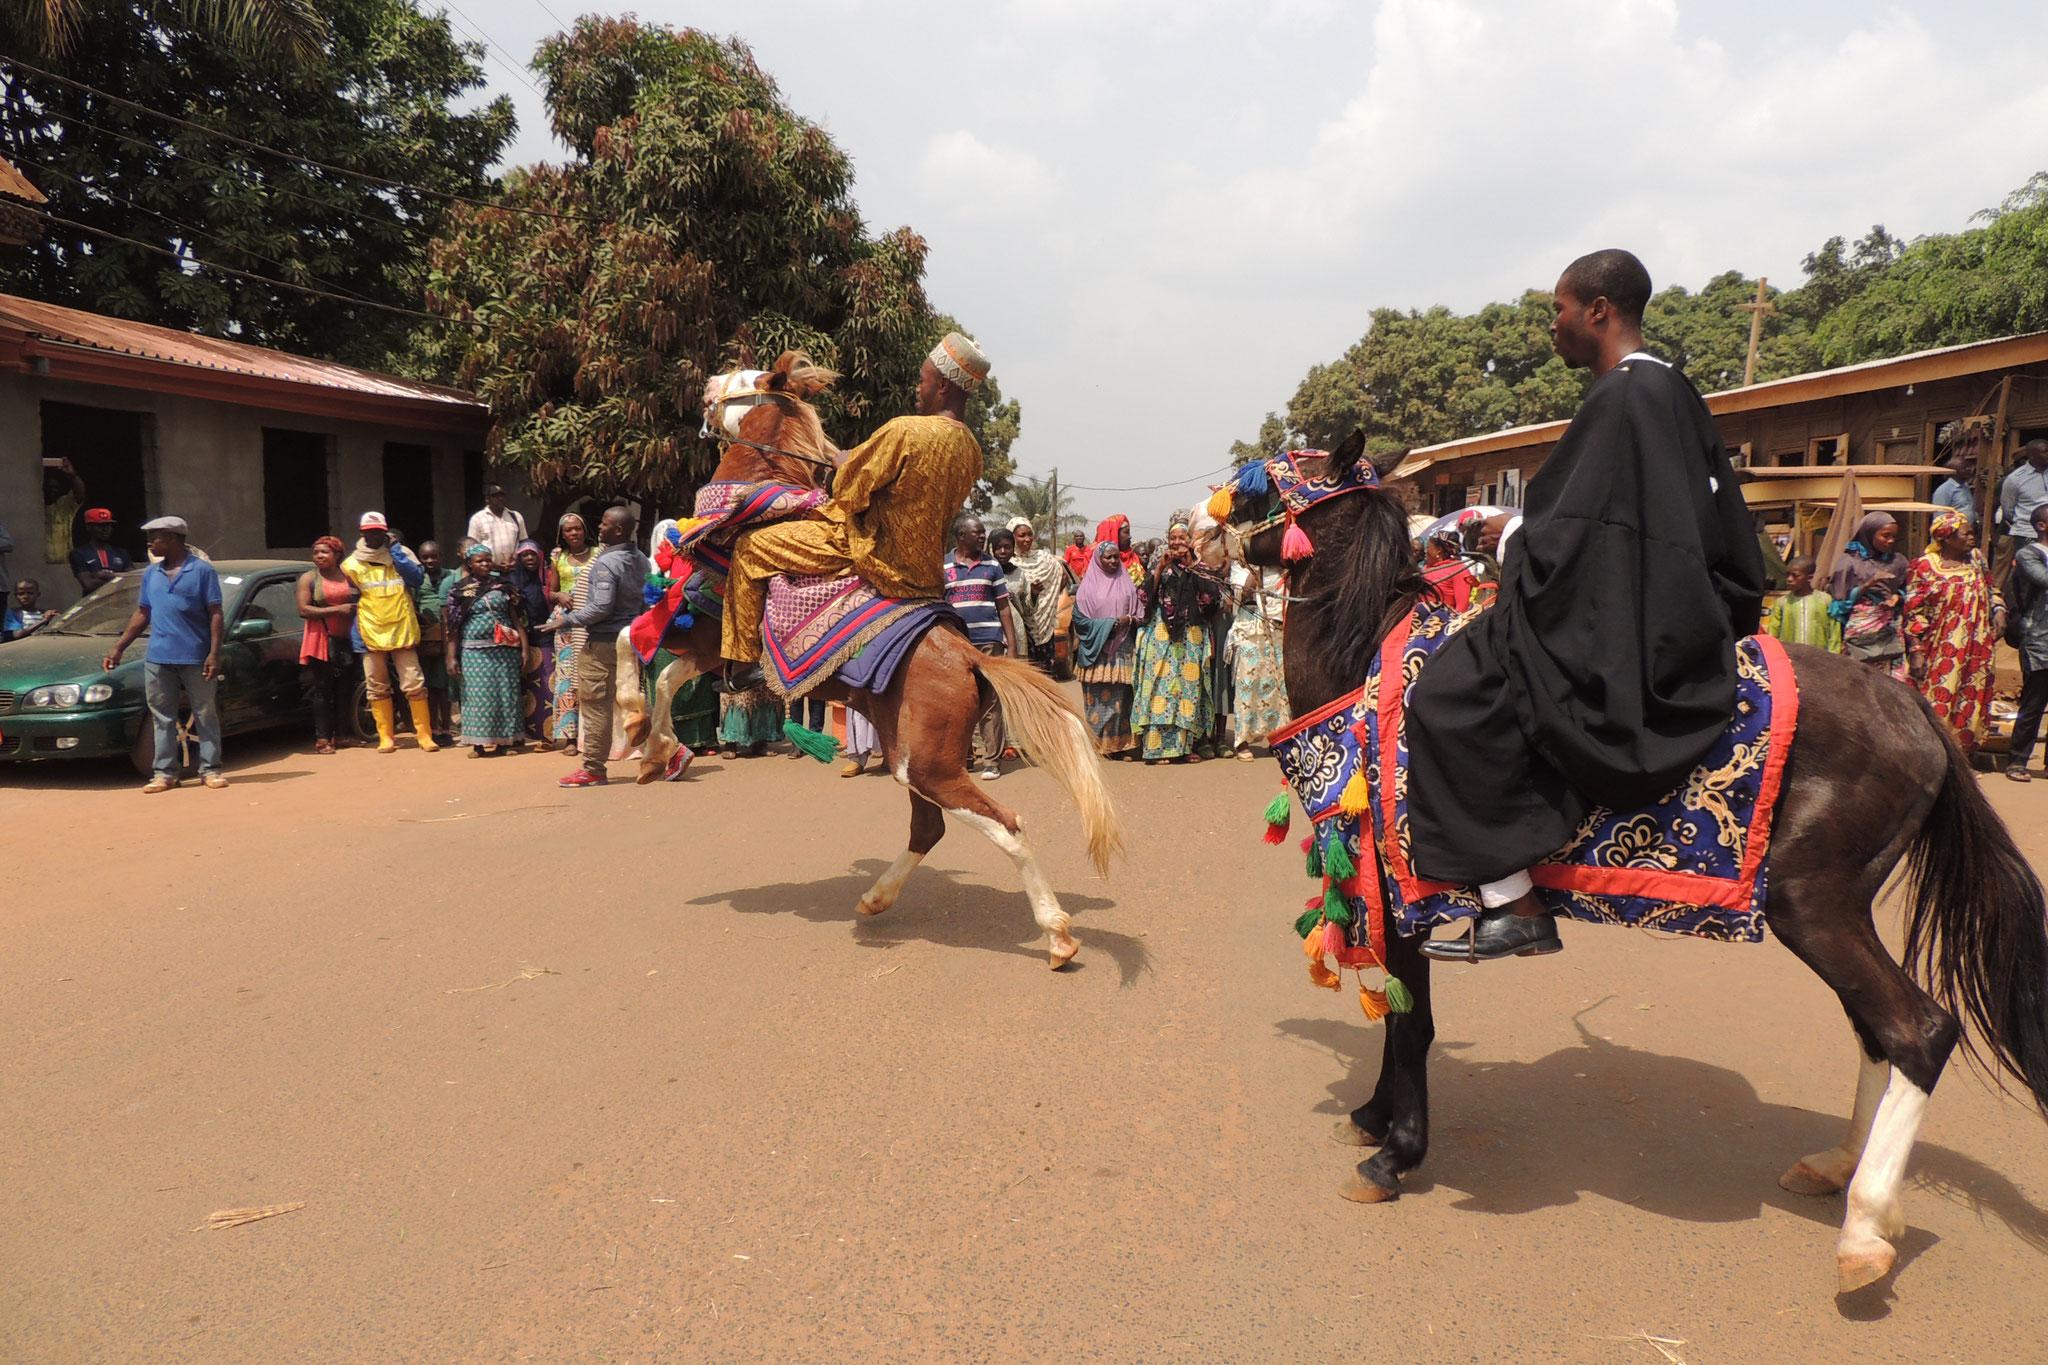 Caballos de celebracion en Foumban